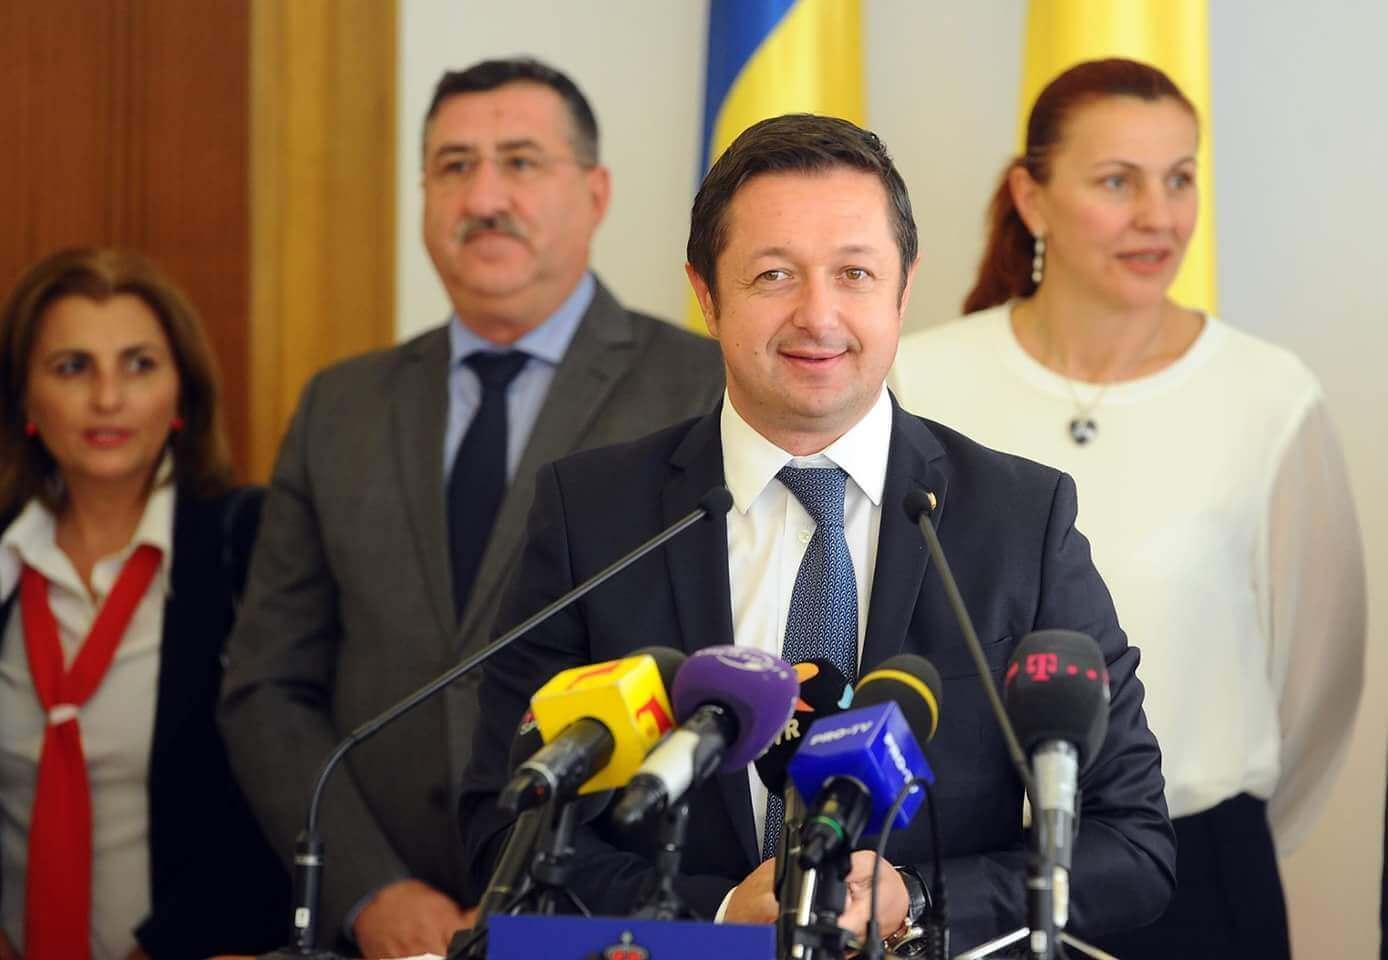 ministrul dunca: ați demonstrat că nimic nu este imposibil Ministrul Dunca: Ați demonstrat că nimic nu este imposibil FB IMG 1507097256447